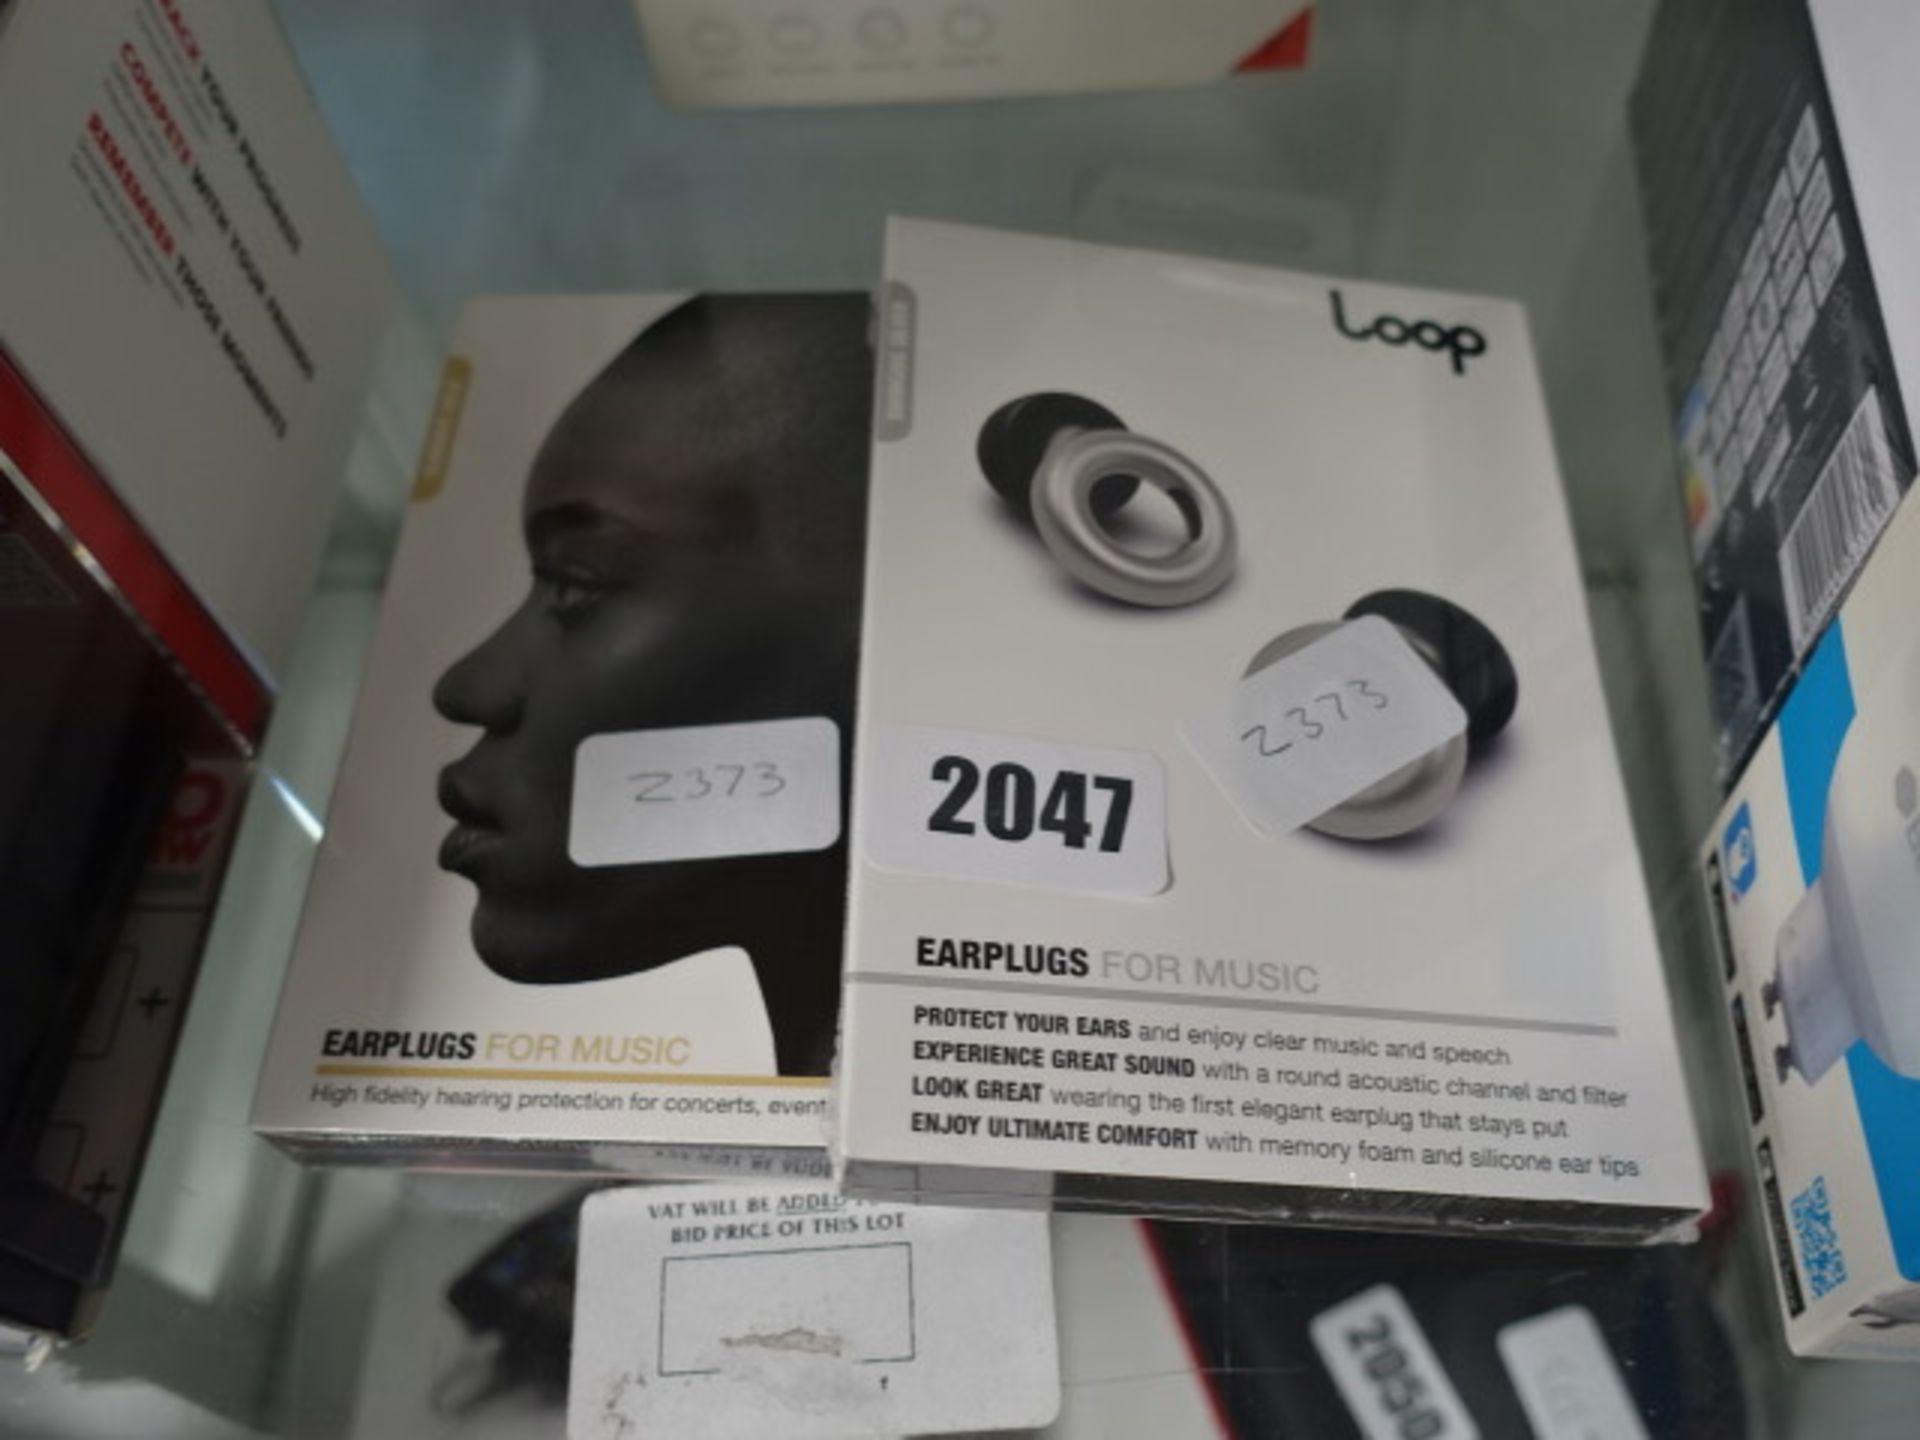 Lot 2047 - 2 packs of Loop earplugs for music in sealed packs